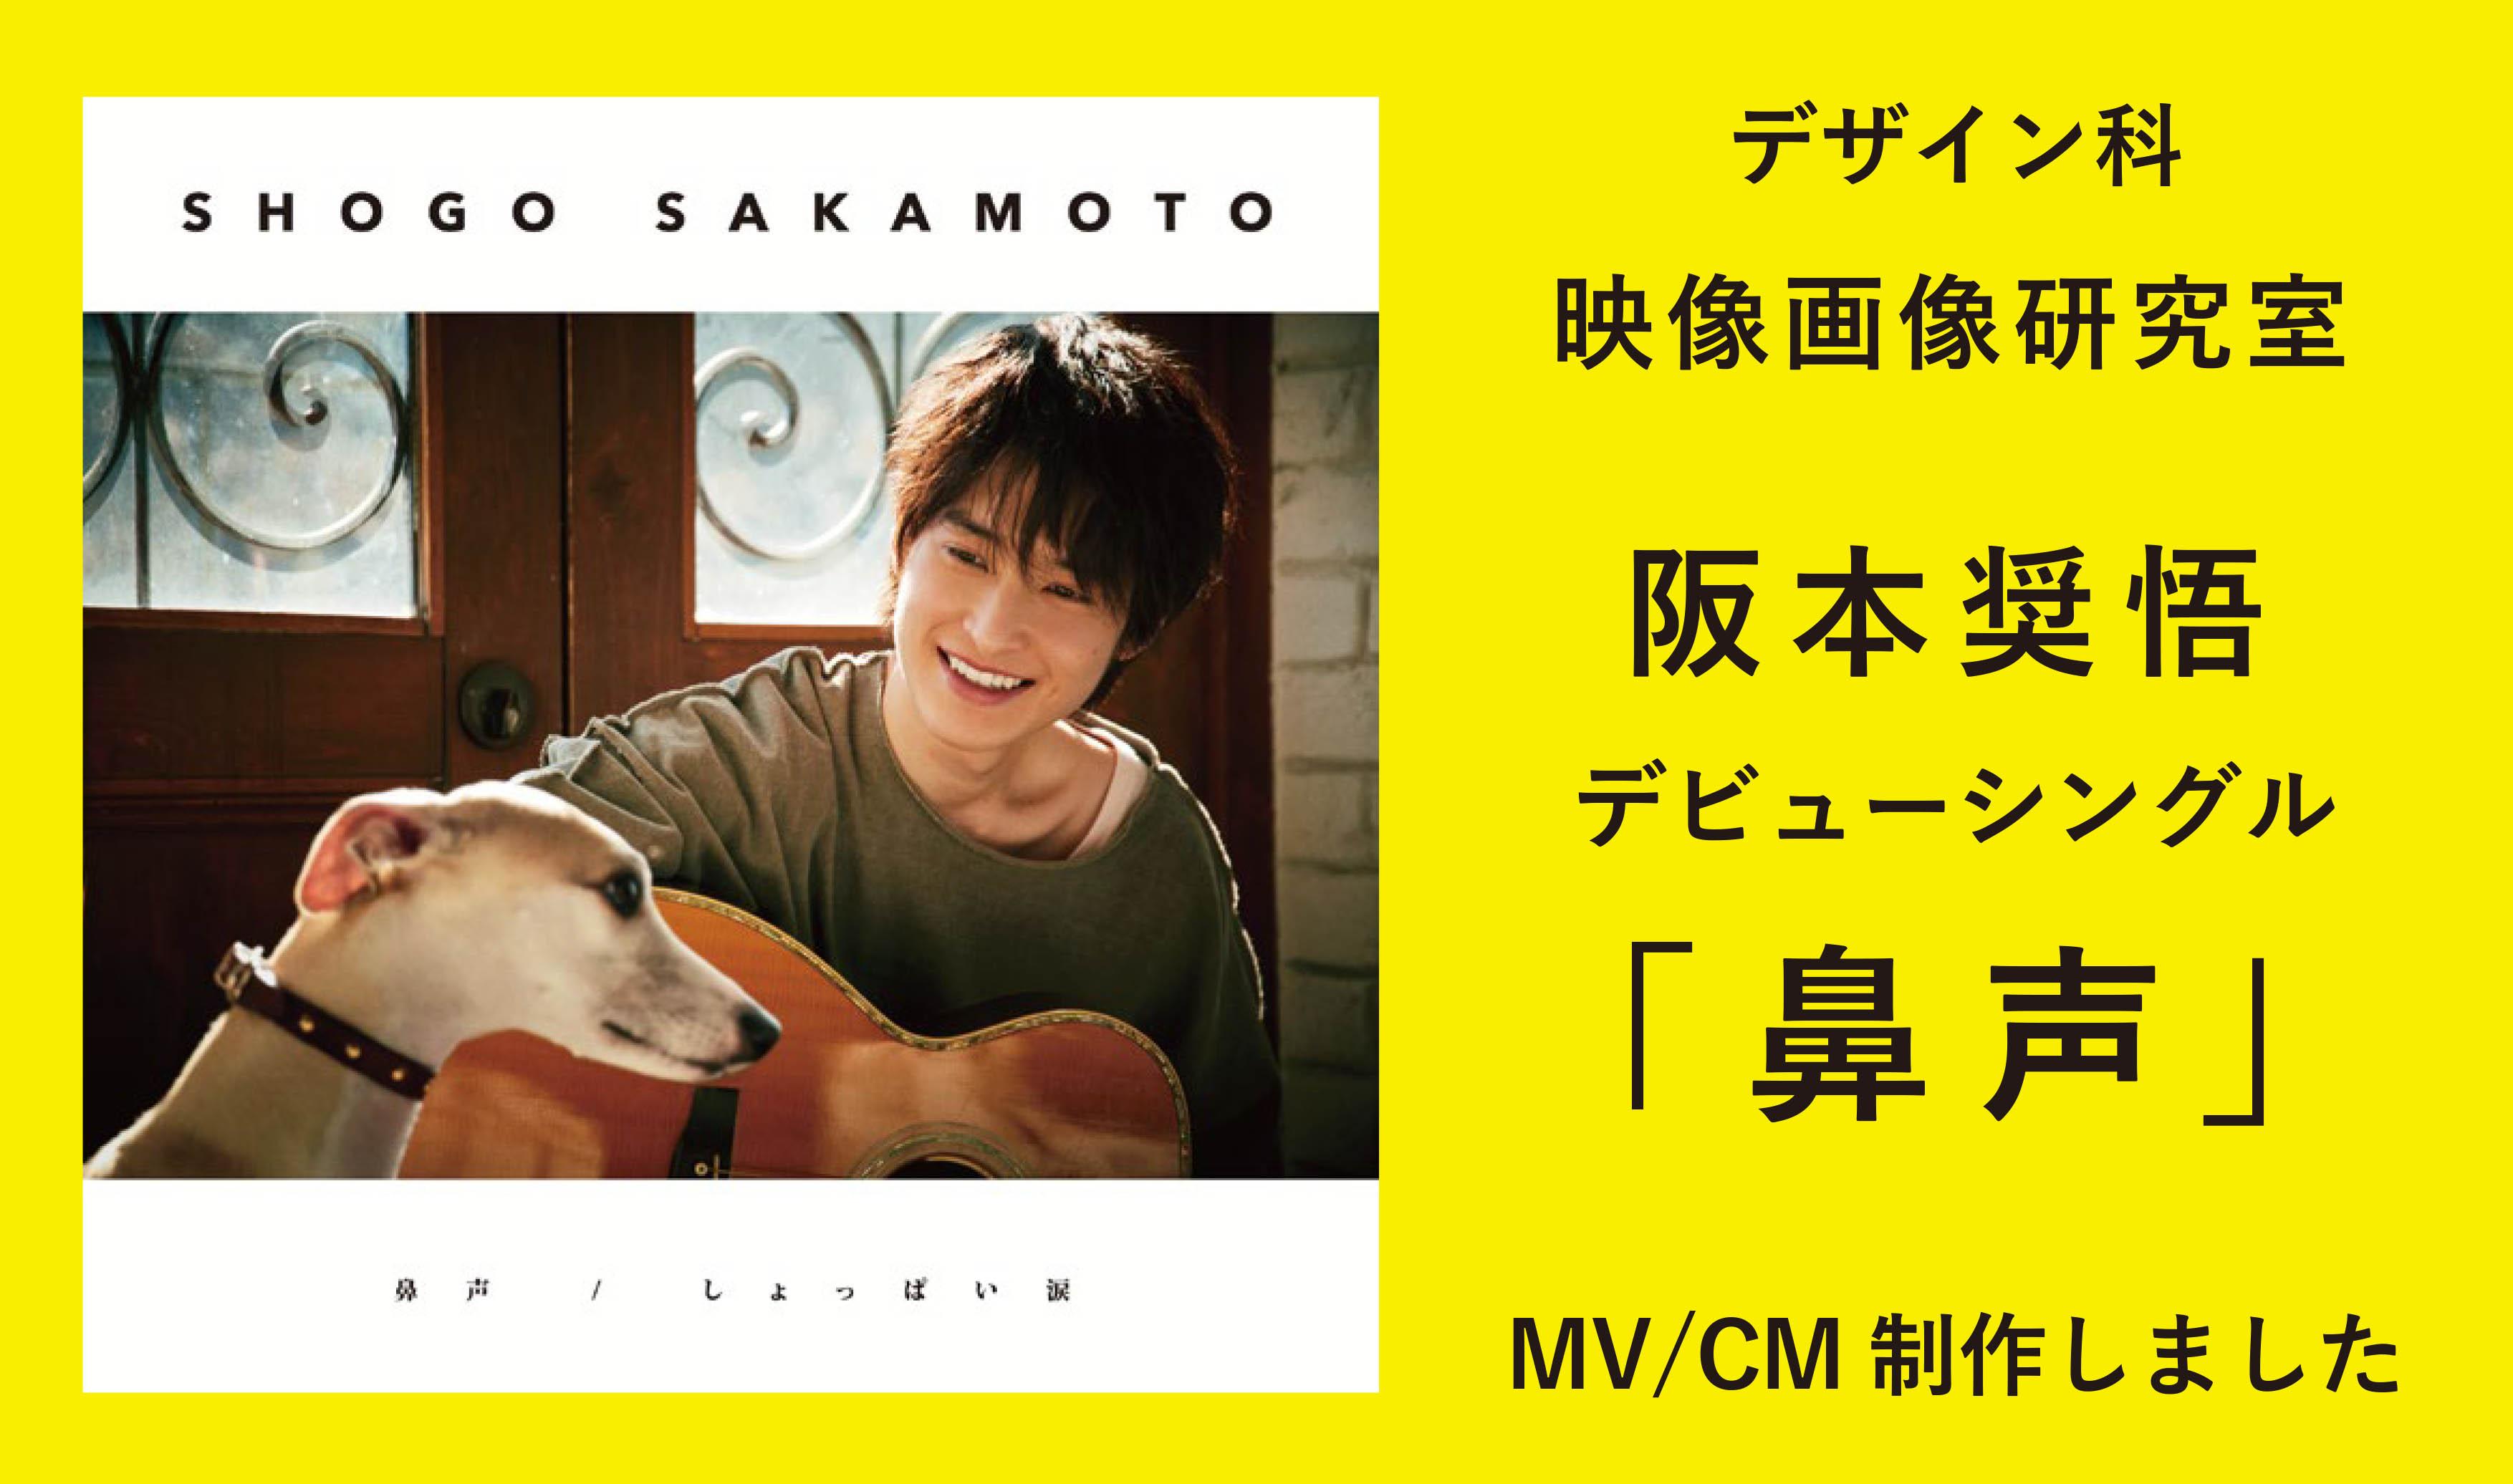 映像・画像研究室 / 阪本奨悟氏デビューシングル『鼻声』MV/CMを制作しました